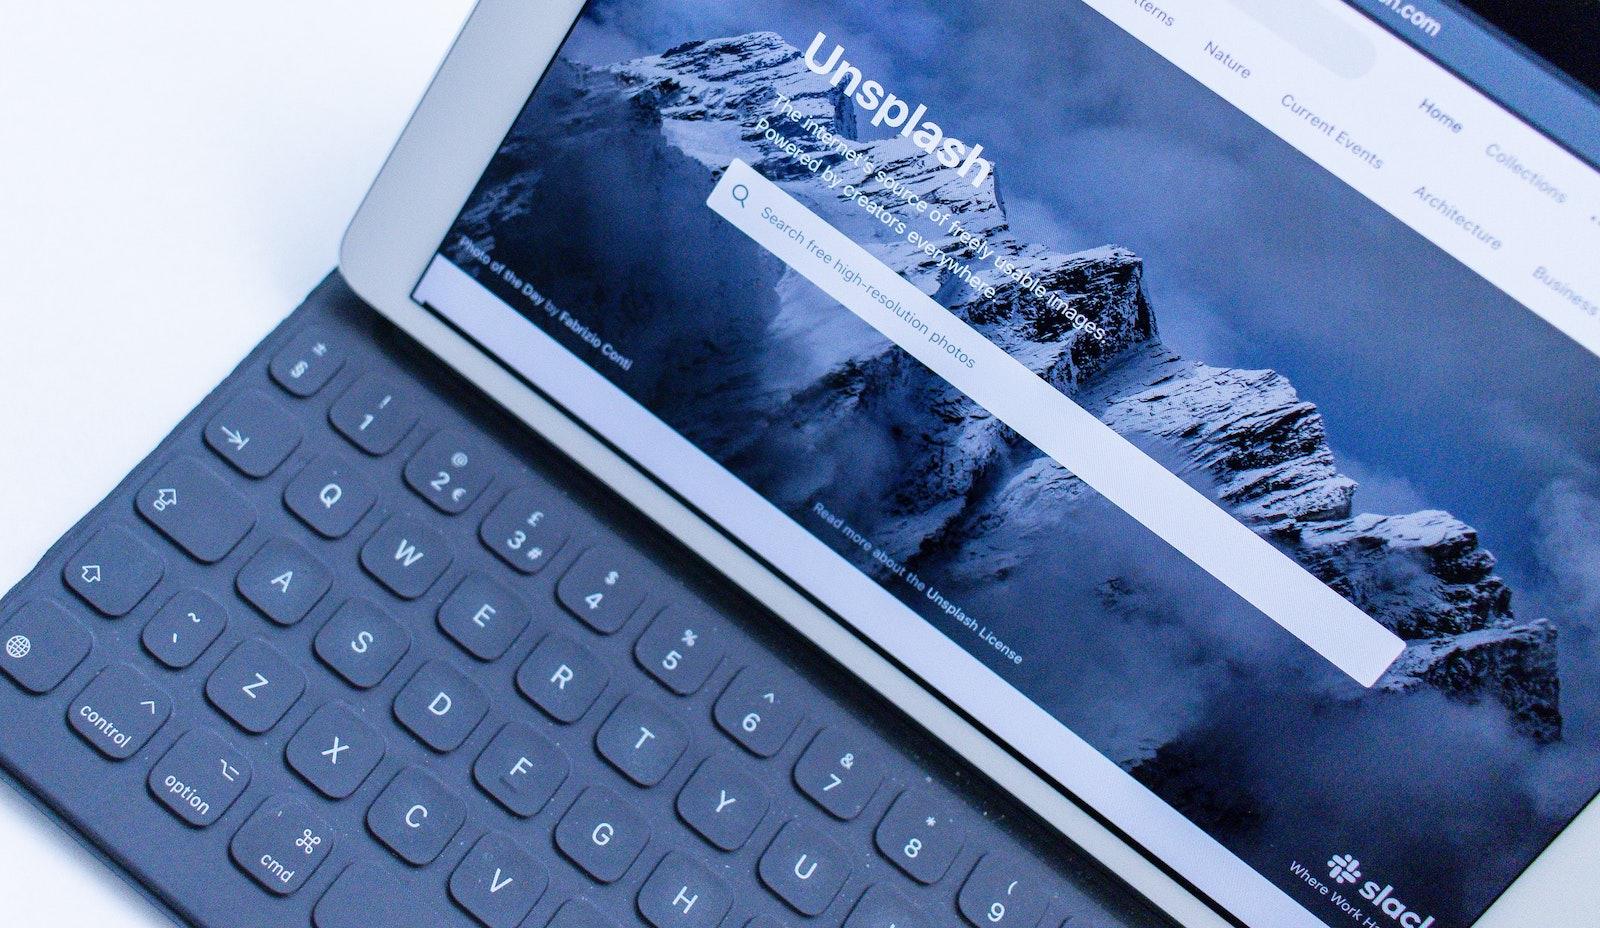 dele-oke-bz1oJVjKxx4-unsplash-ipad-smart-keyboard.jpg